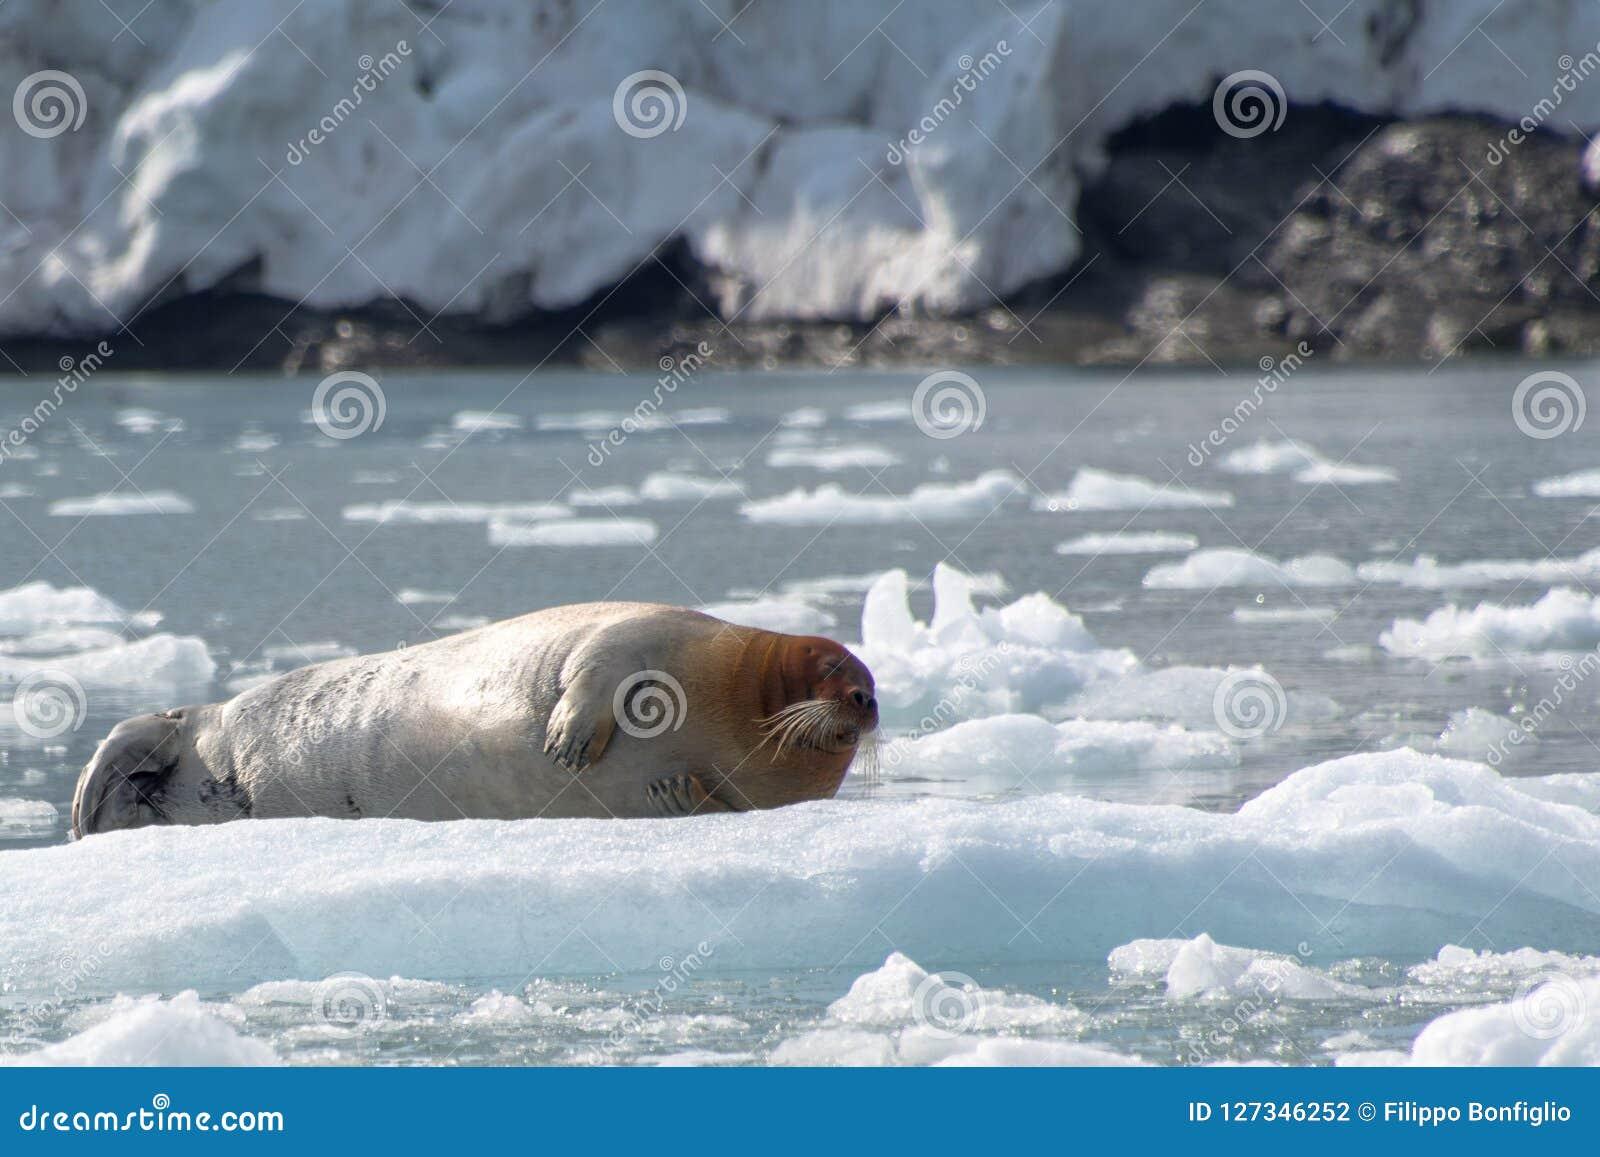 Sello barbudo, Svalbard - Noruega